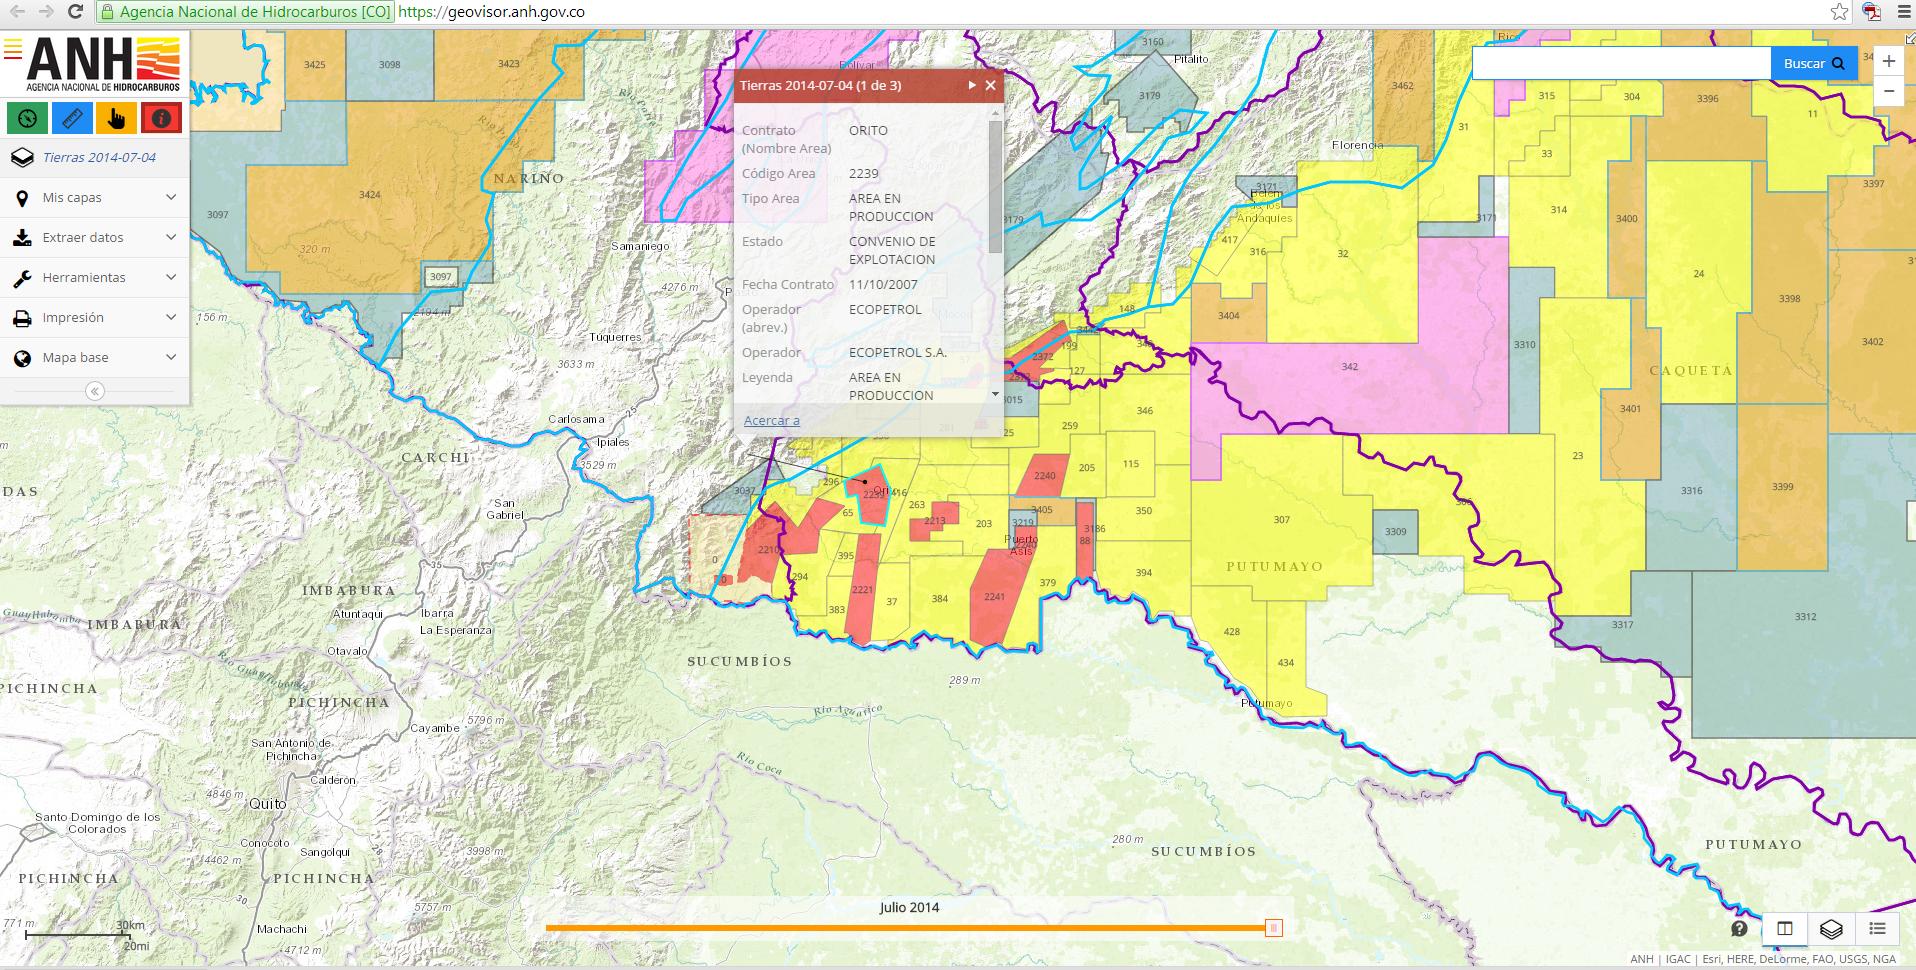 El mismo mapa en versión on line está perfecto para hacer consultas (Geovisor ANH)